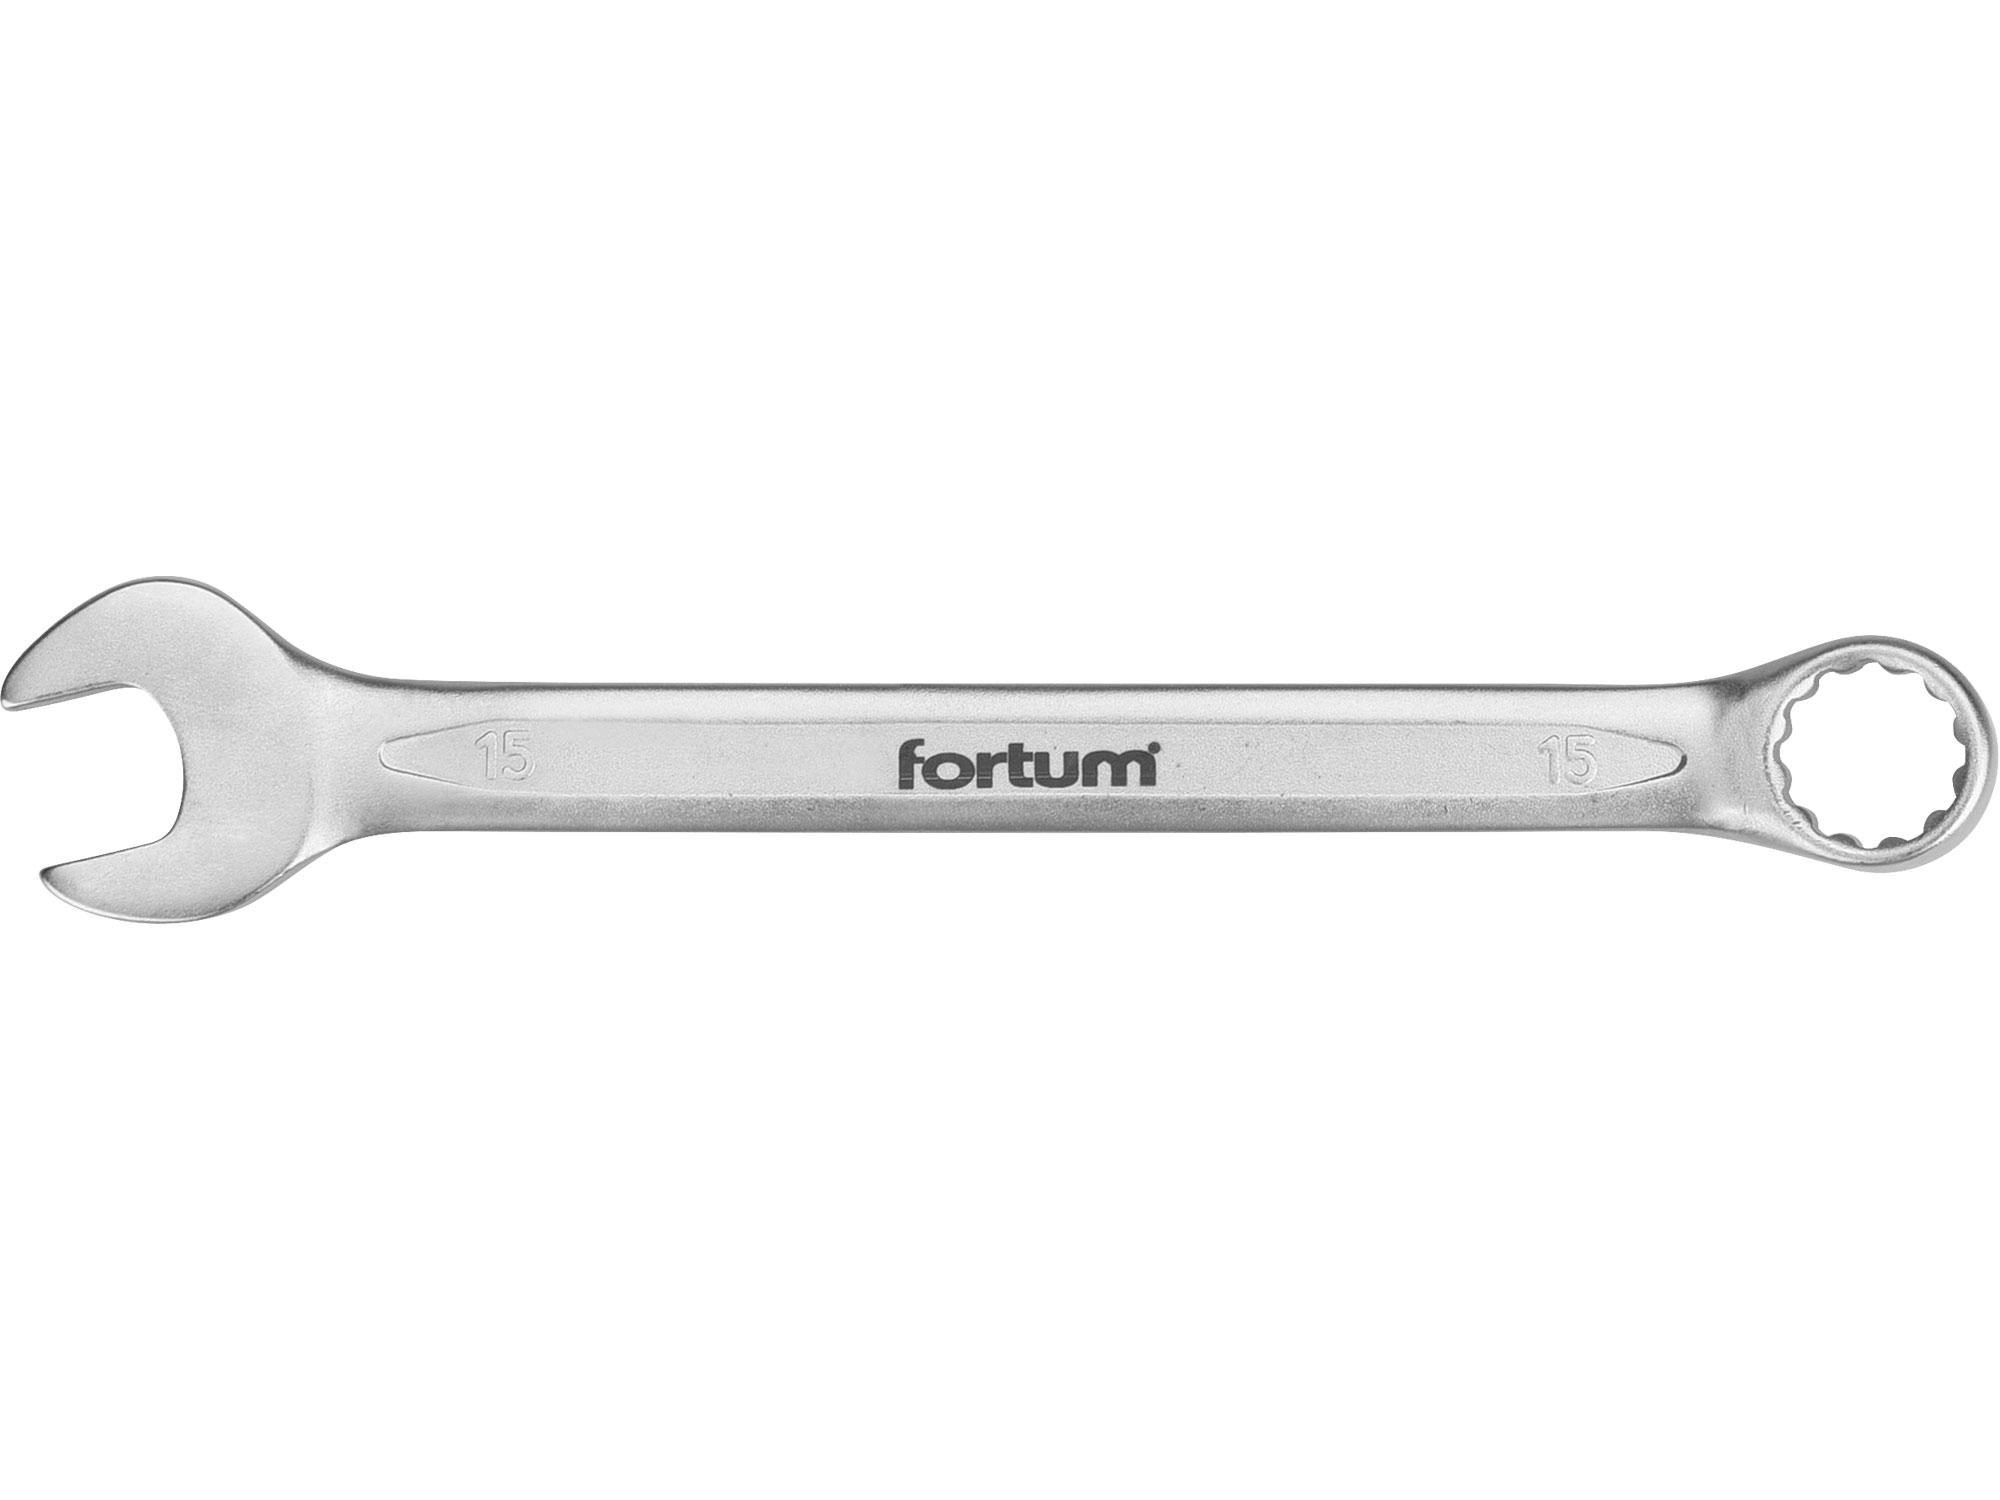 klíč očkoplochý, 15mm